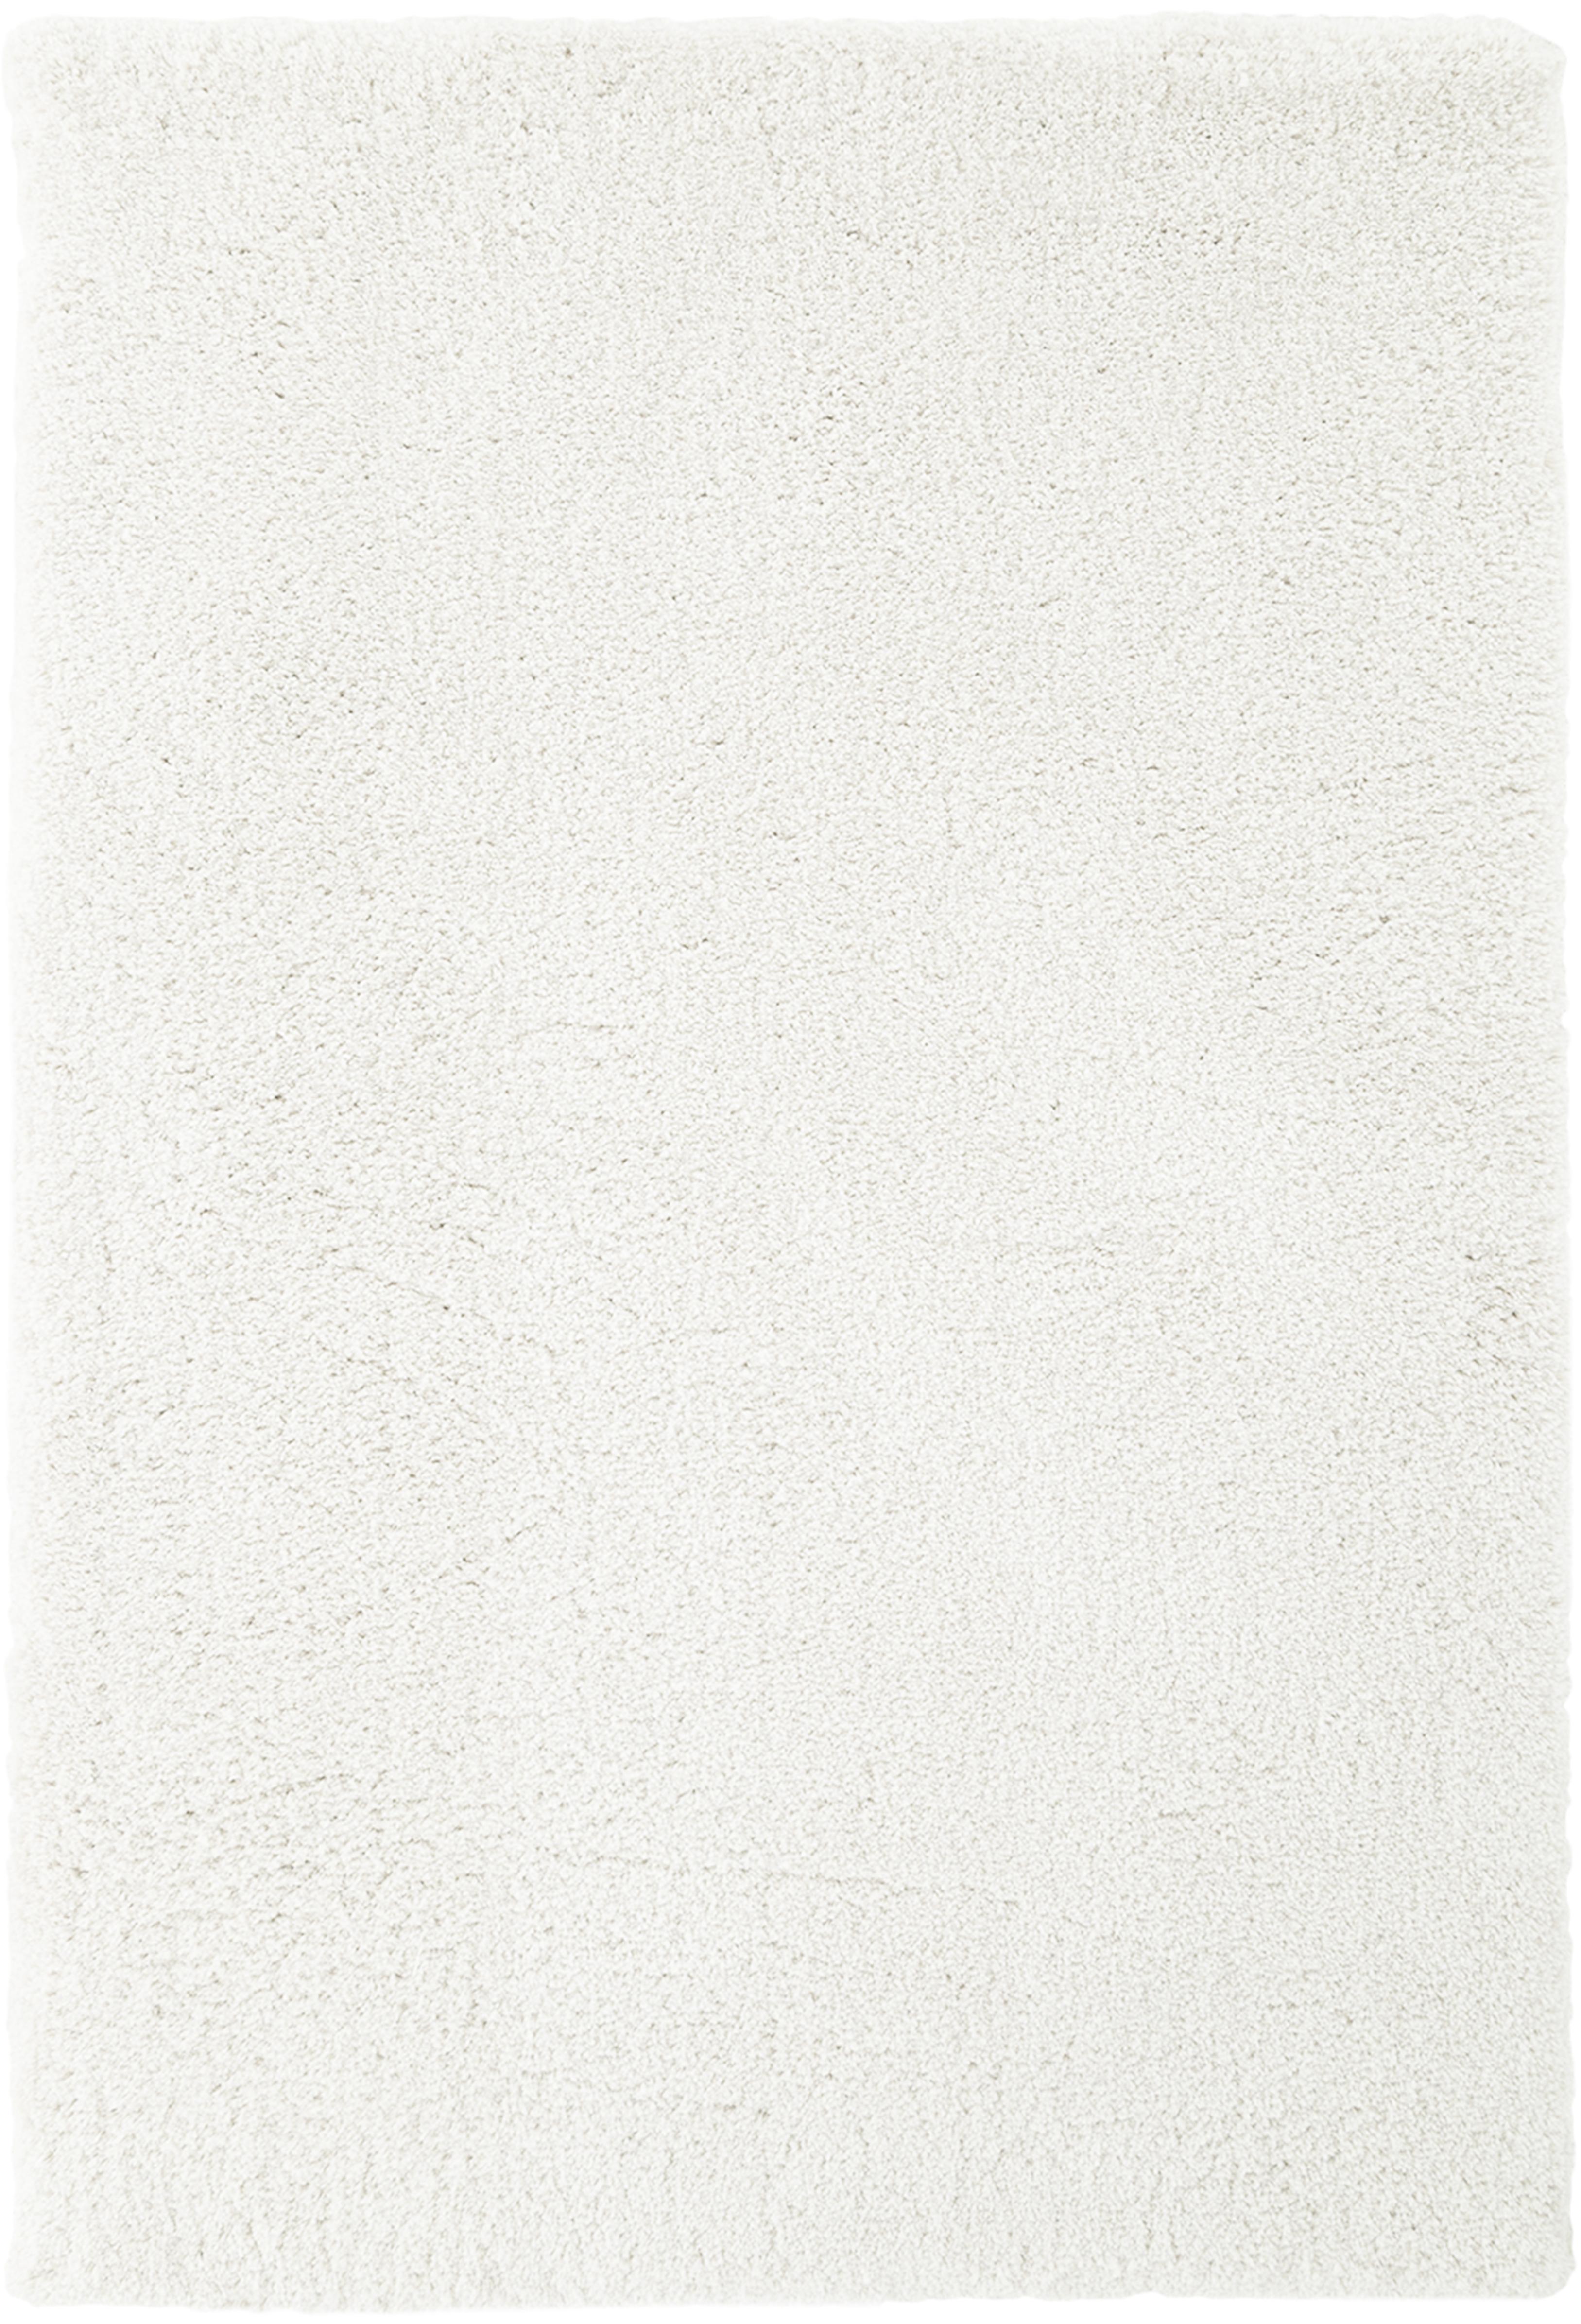 Flauschiger Hochflor-Teppich Leighton in Creme, Flor: 100% Polyester (Mikrofase, Creme, B 160 x L 230 cm (Größe M)